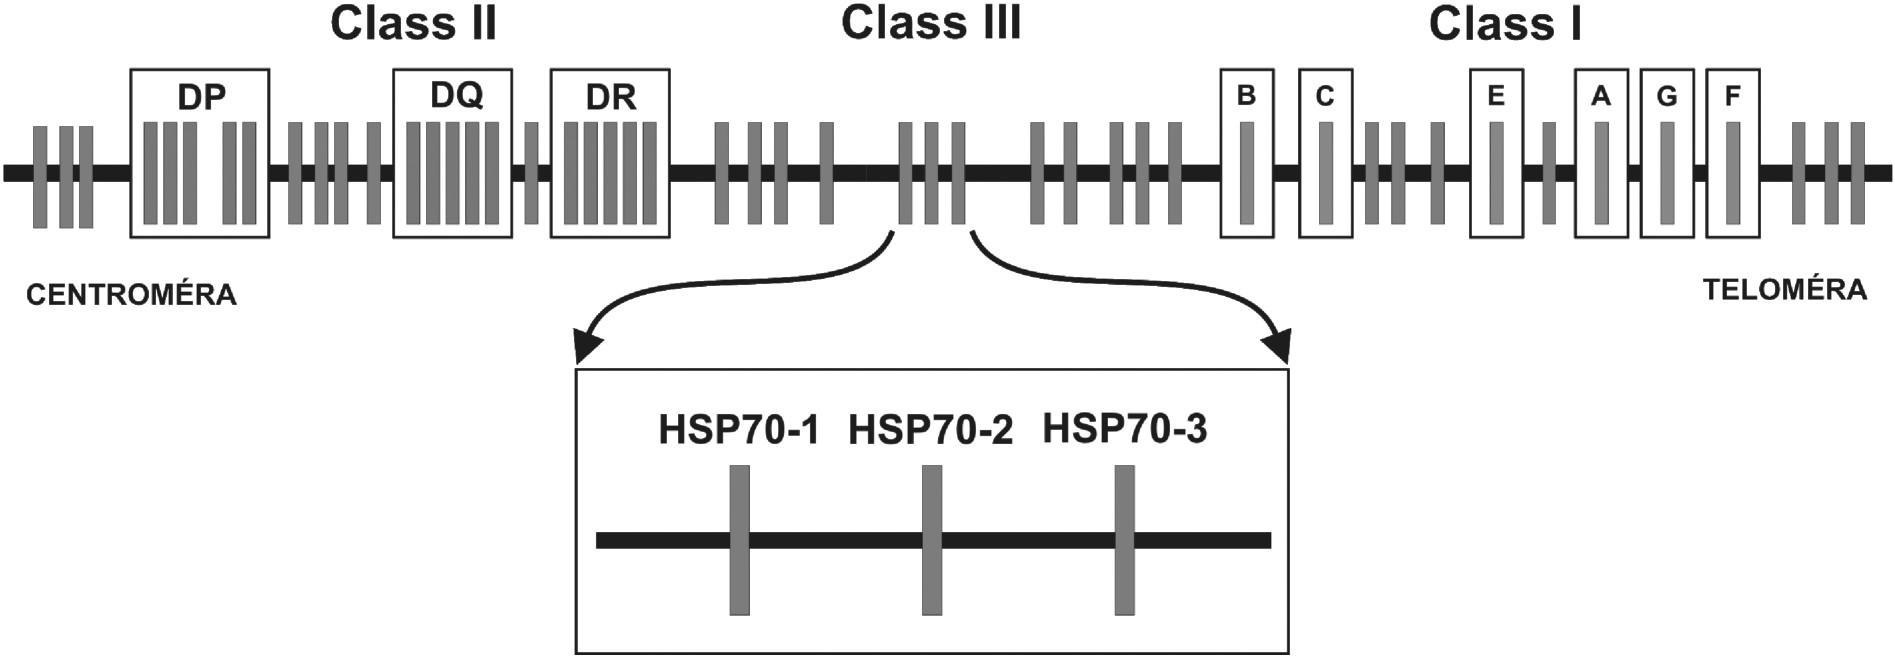 """Obr. 2. Génová mapa MHC:  Hlavný histokompatibilný komplex človeka sa nazýva Human Leukocyte Antigens. Delí sa na oblasti MHC molekúl I. a II. triedy (u človeka HLA-antigény I. triedy a II. triedy) a tzv. """"non class I/II MHC"""" molekuly. Medzi MHC antigény I. triedy patria gény, ktoré sú zapojené do endogénnej cesty prezentácie antigénu a smerom od teloméry umiestnené v poradí: HLA-F, -G, -A, -E, -C a –B. Gény lokusov umiestnených centromericky – HLA-DR, DQ, DP – kódujú MHC antigény II. triedy, ktoré sú zapojené do exogénnej cesty prezentácie antigénu. Gény oblasti nachádzajúcej sa medzi MHC antigénmi I. a II. triedy, sú označované ako gény """"non classI/II MHC"""" gény. V tejto oblasti sanachádzajú okrem iných tri gény pre proteíny HSP70 (heat shock protein) – HSP70-1, HSP70-2 a HSP70-3."""